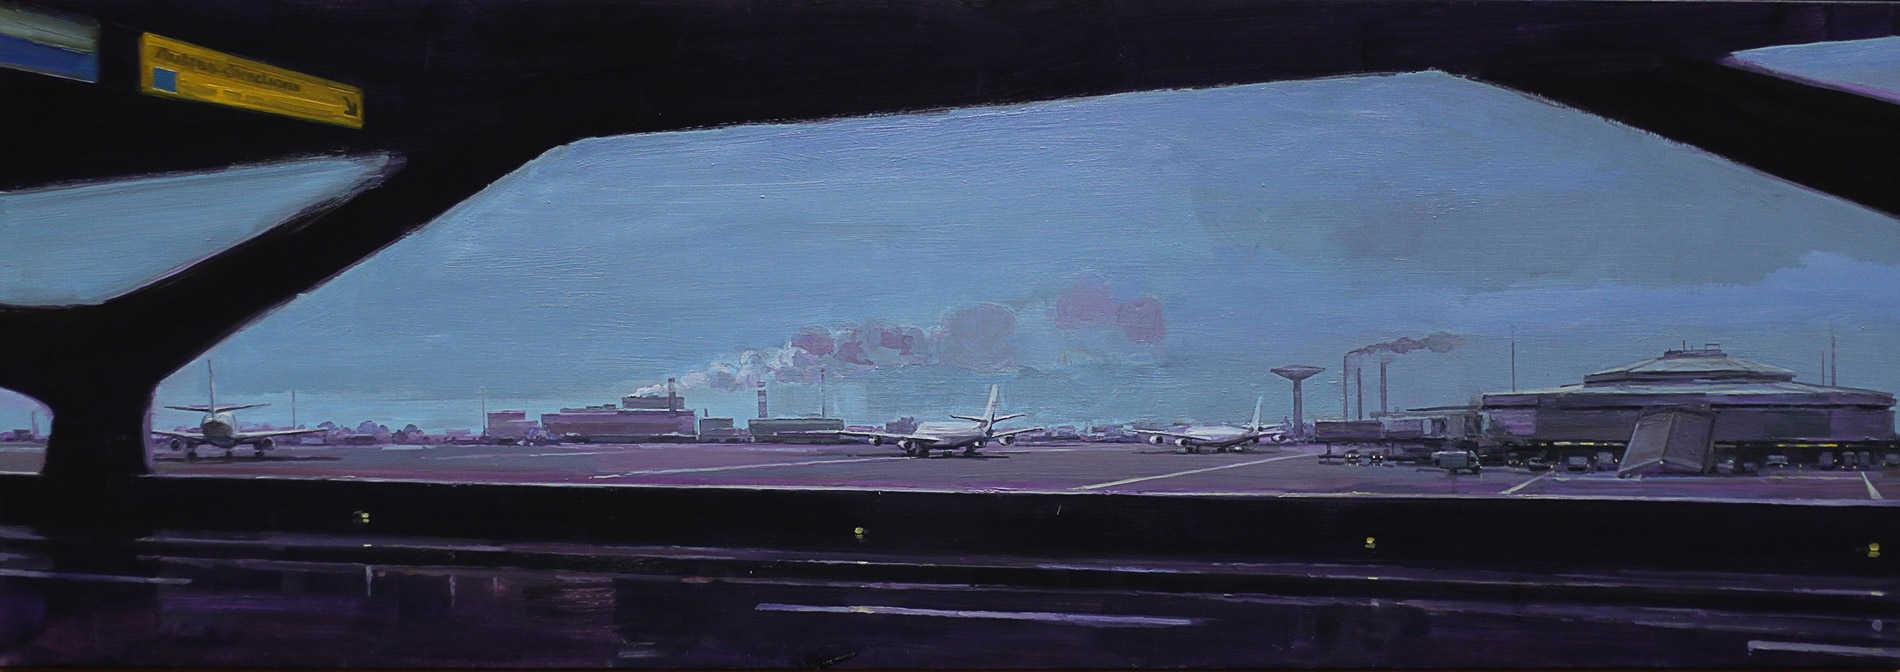 Grande desserte. Huile sur toile, 70 x 200 cm, 2008